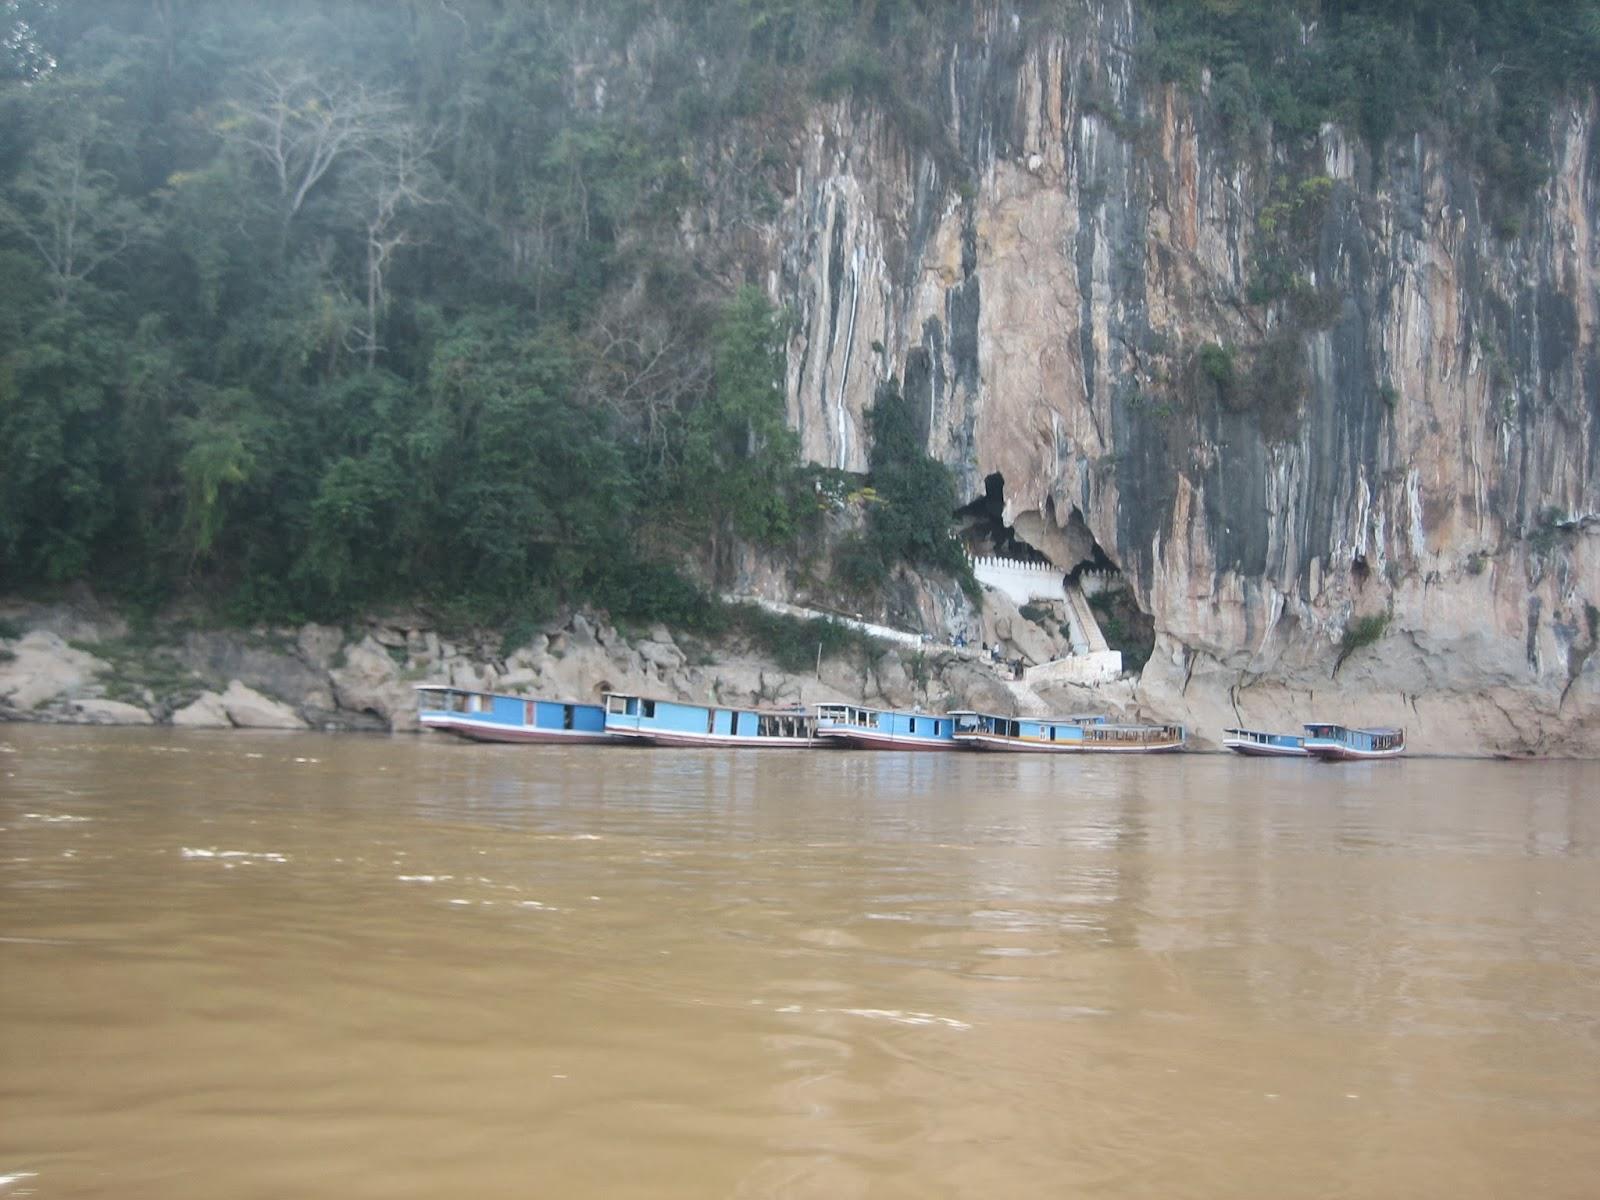 pak-ou-caves-laos-mekong-river